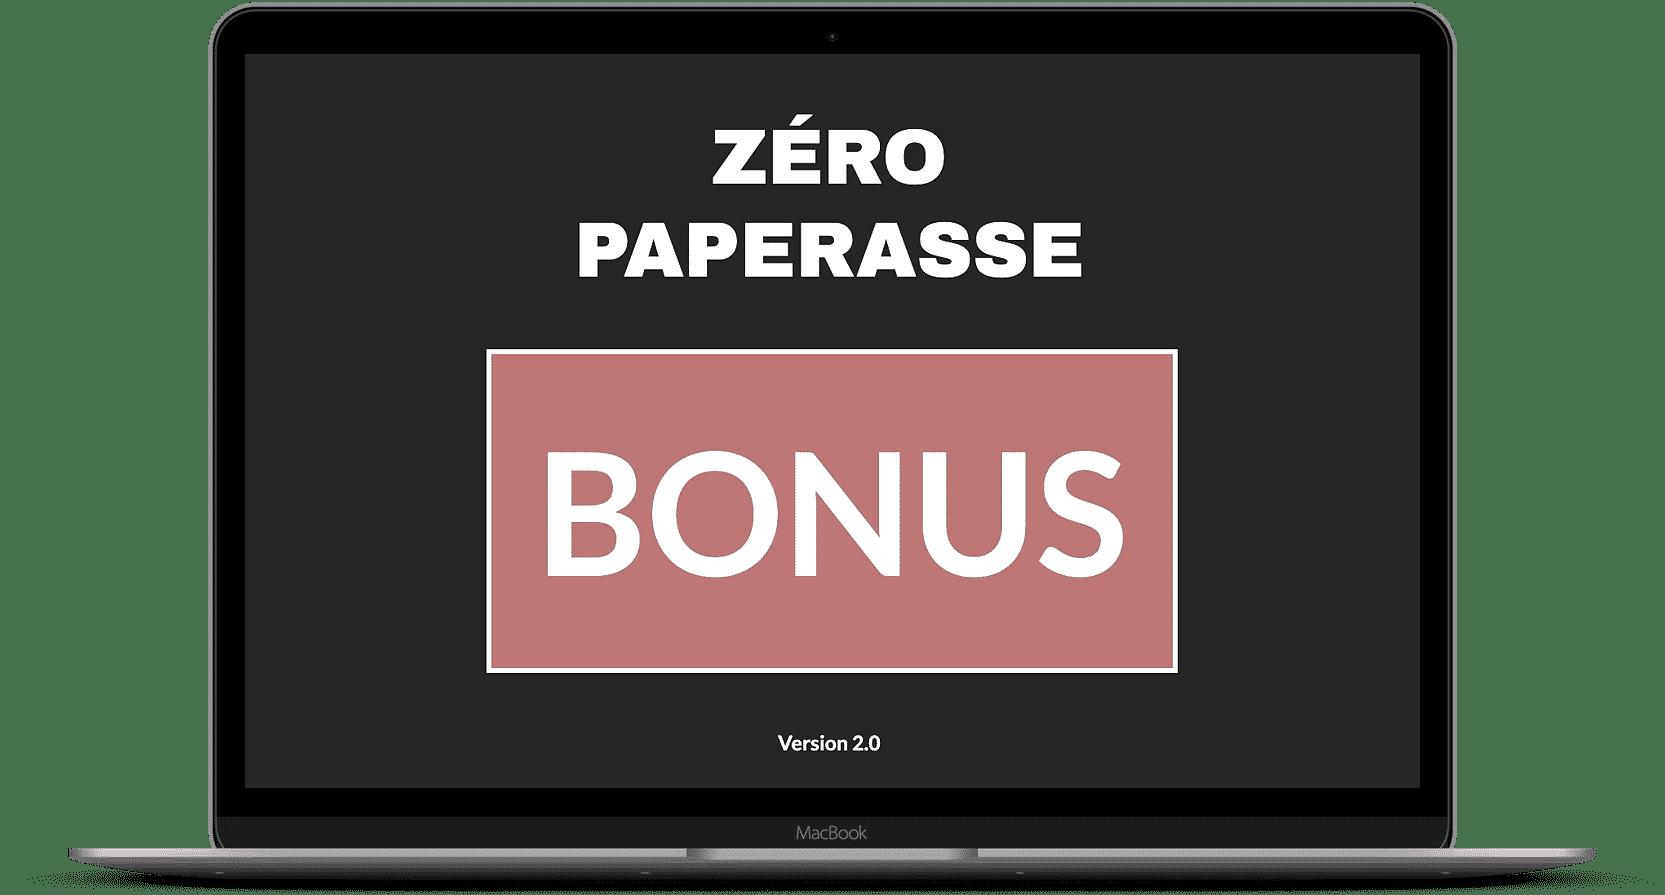 Zéro paperasse bonus